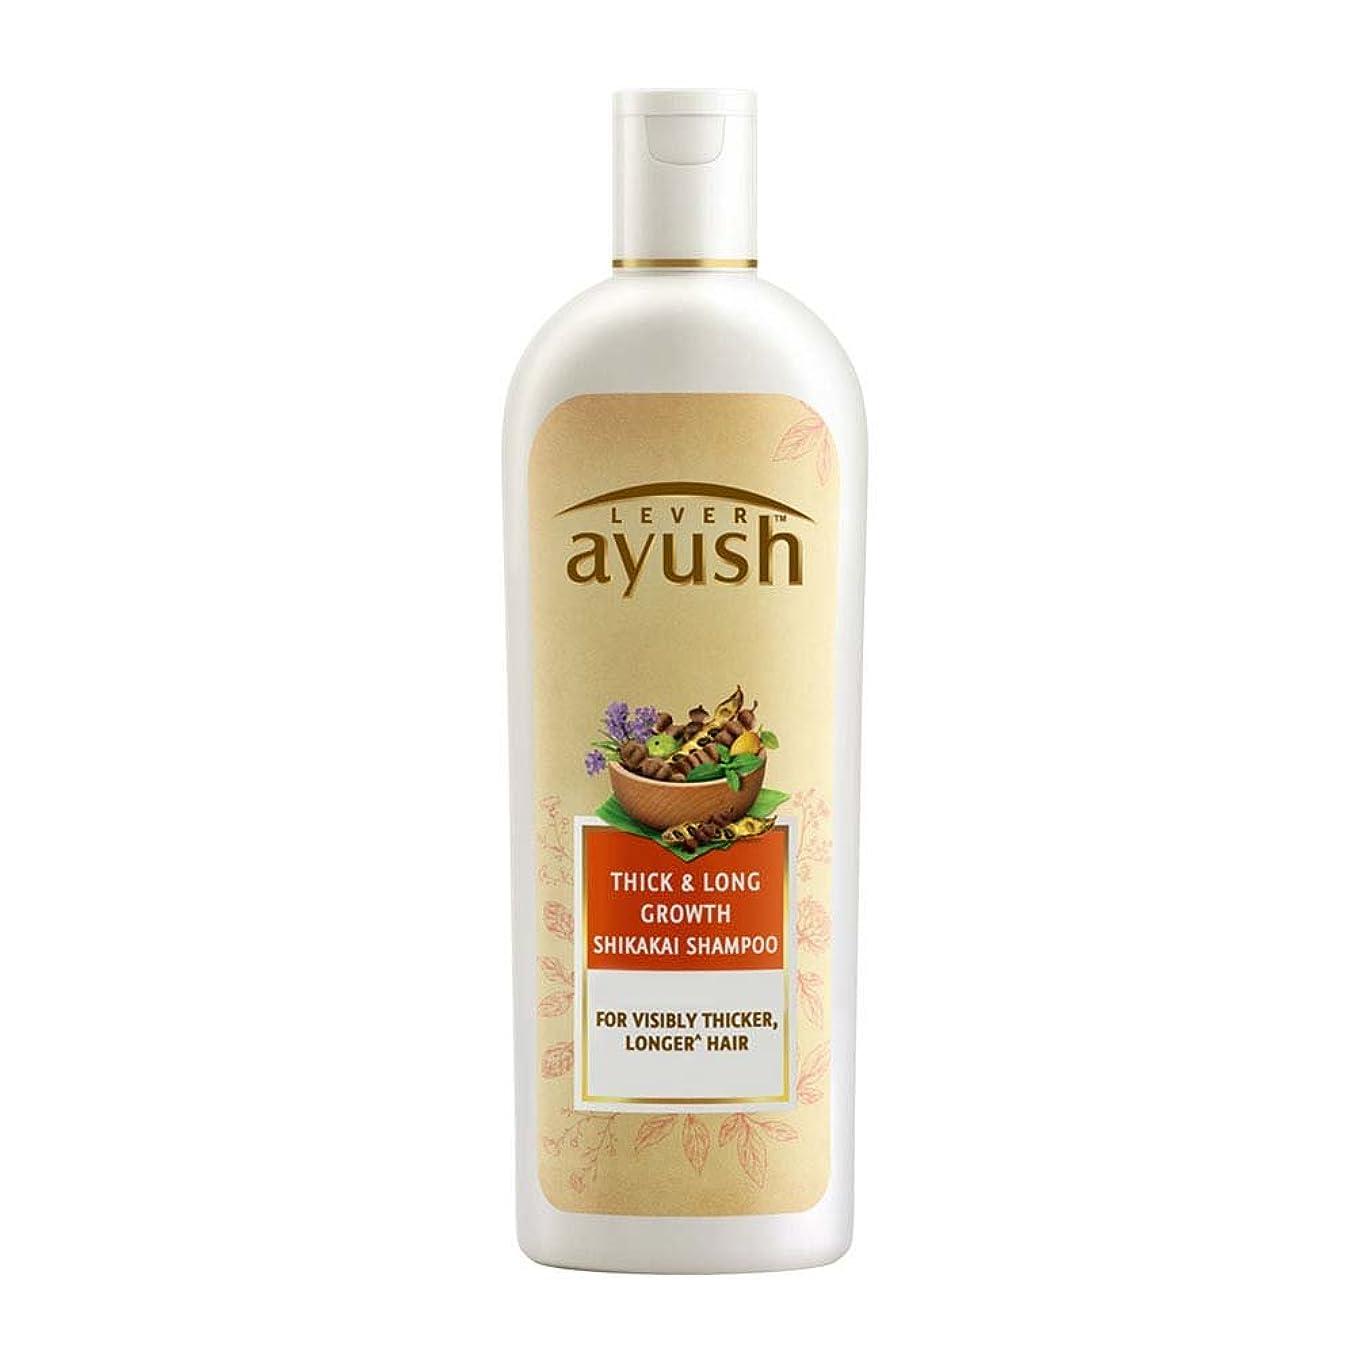 前部安西征服するLever Ayush Thick and Long Growth Shikakai Shampoo, 175ml - 並行輸入品 - レバーアユッシュシック&ロンググローブシカカイシャンプー、175ml